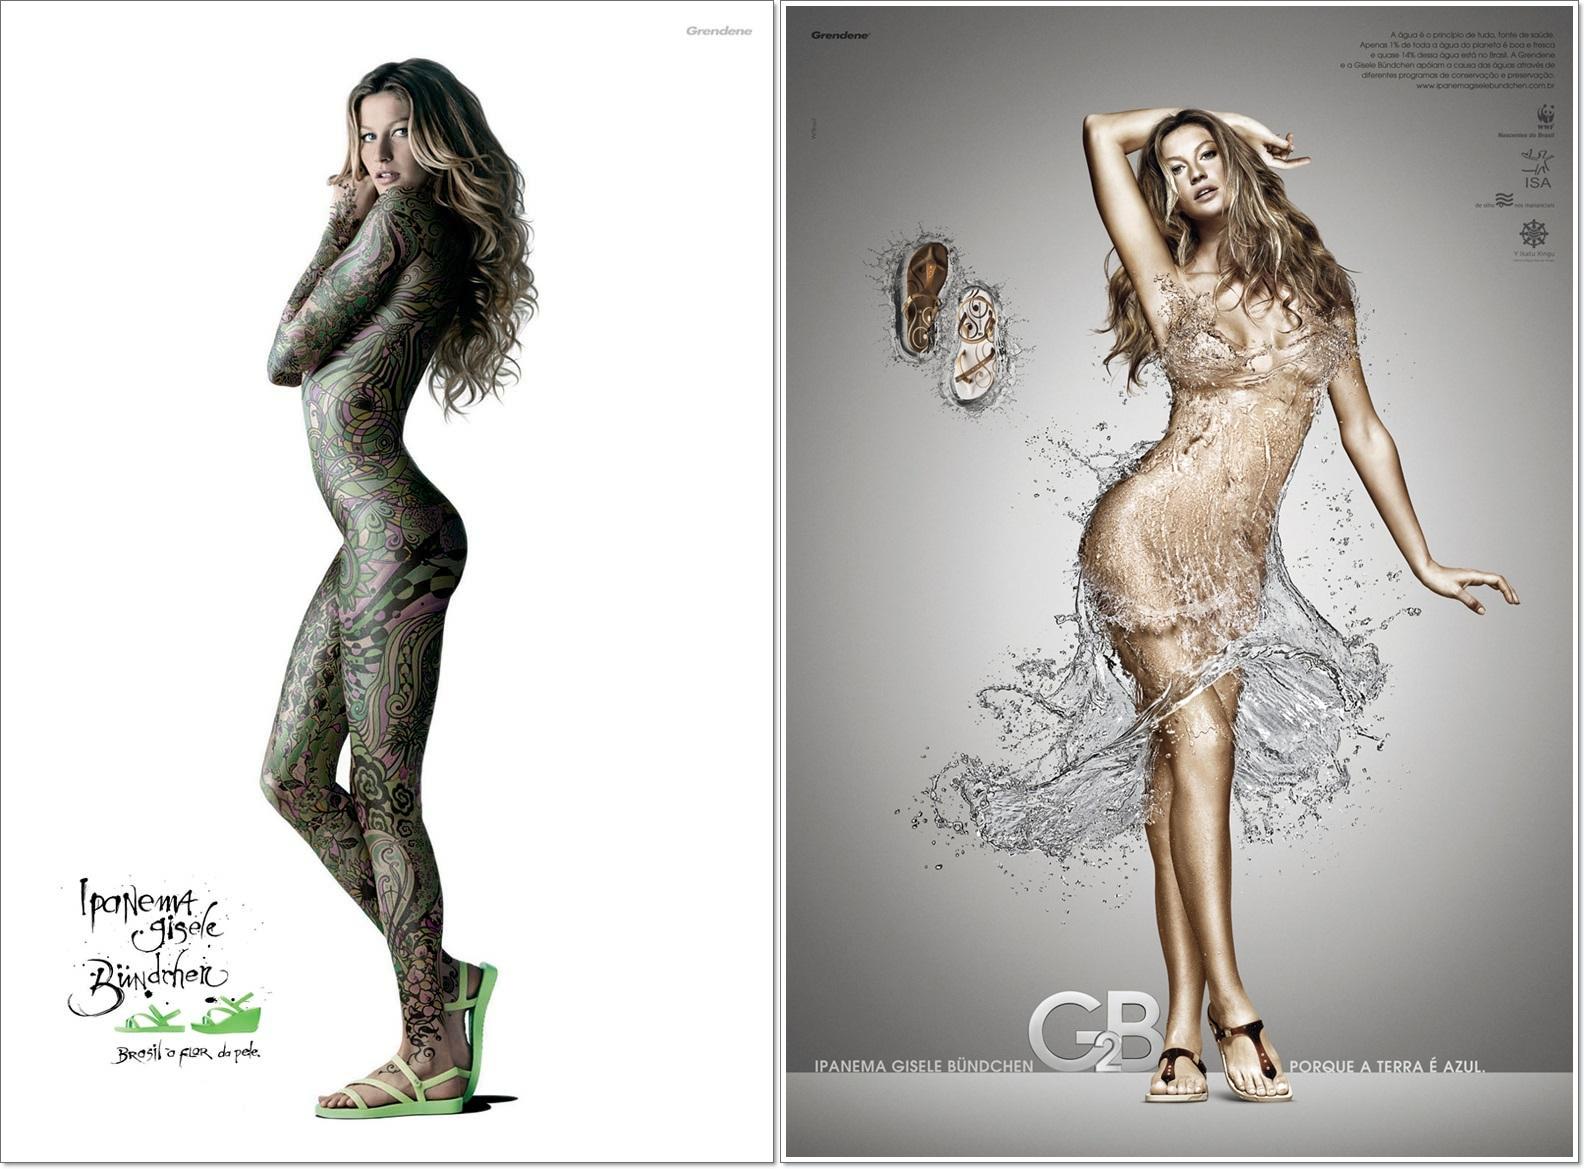 http://4.bp.blogspot.com/-cmWfBajwSq4/Tm_V9f_nDfI/AAAAAAAAAko/4YXnHkLC9YA/s1600/gisele+collage.jpg